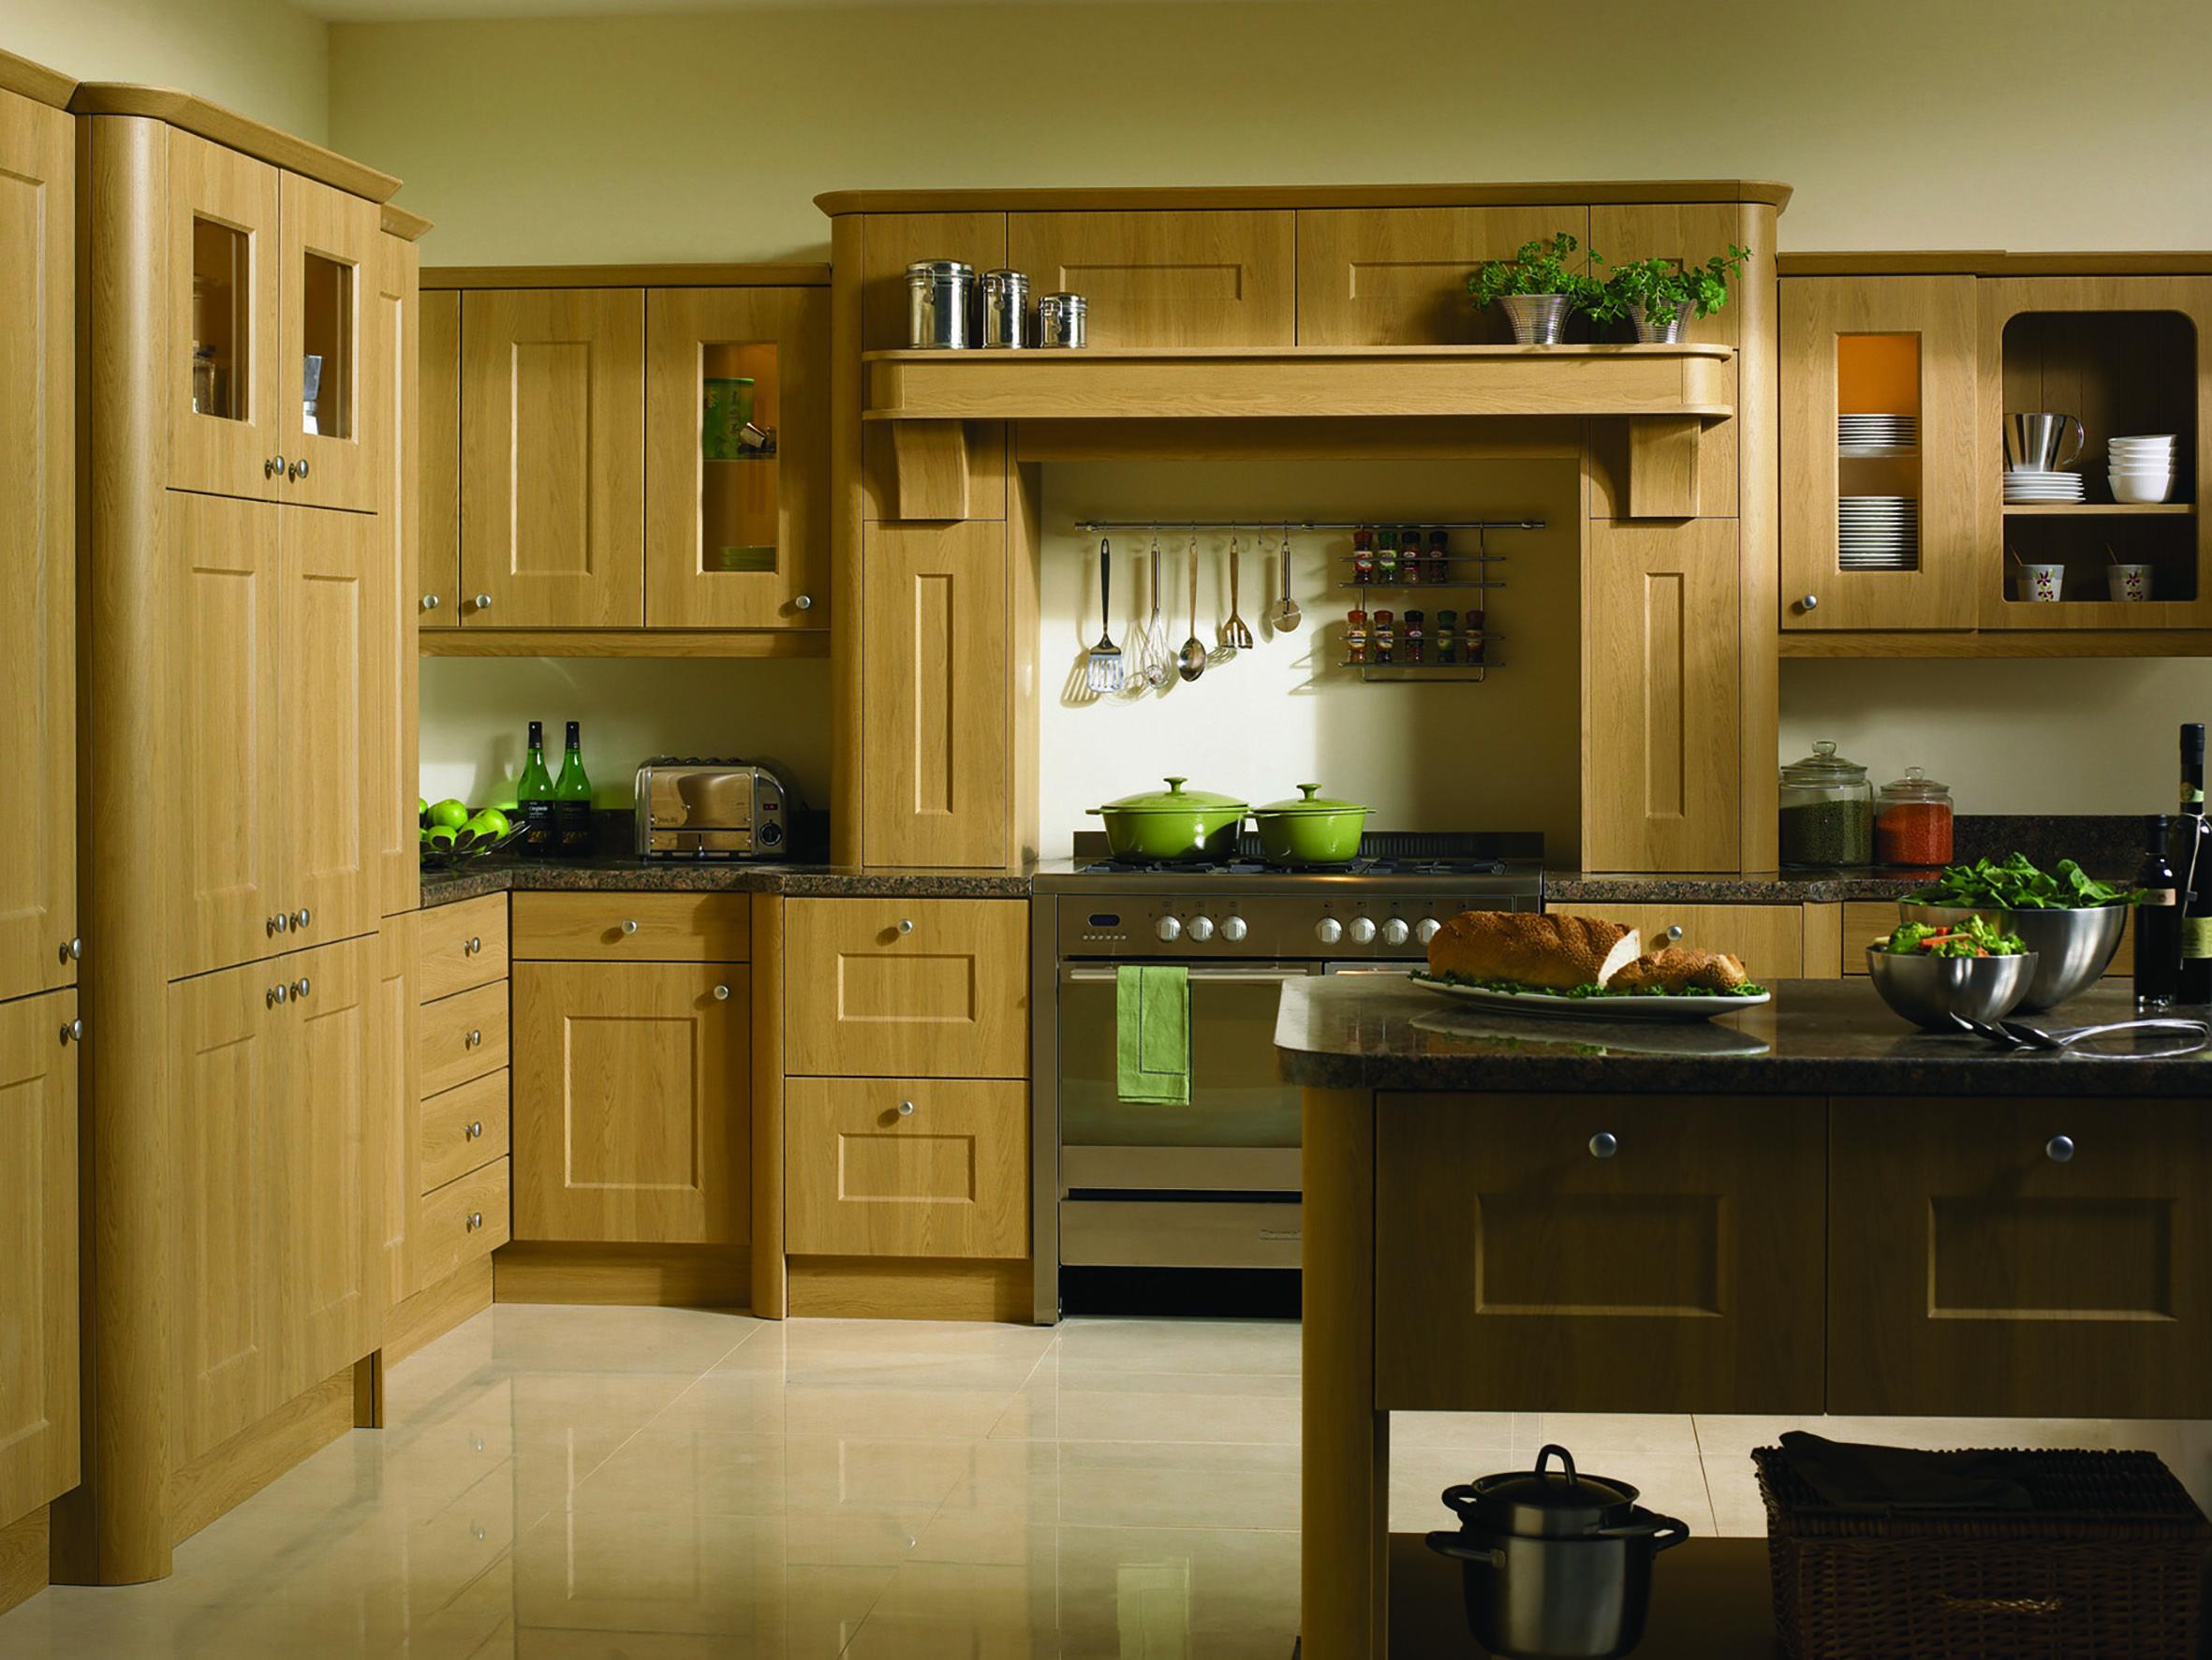 Pin von Interiors 570 auf Kitchen interiors | Pinterest